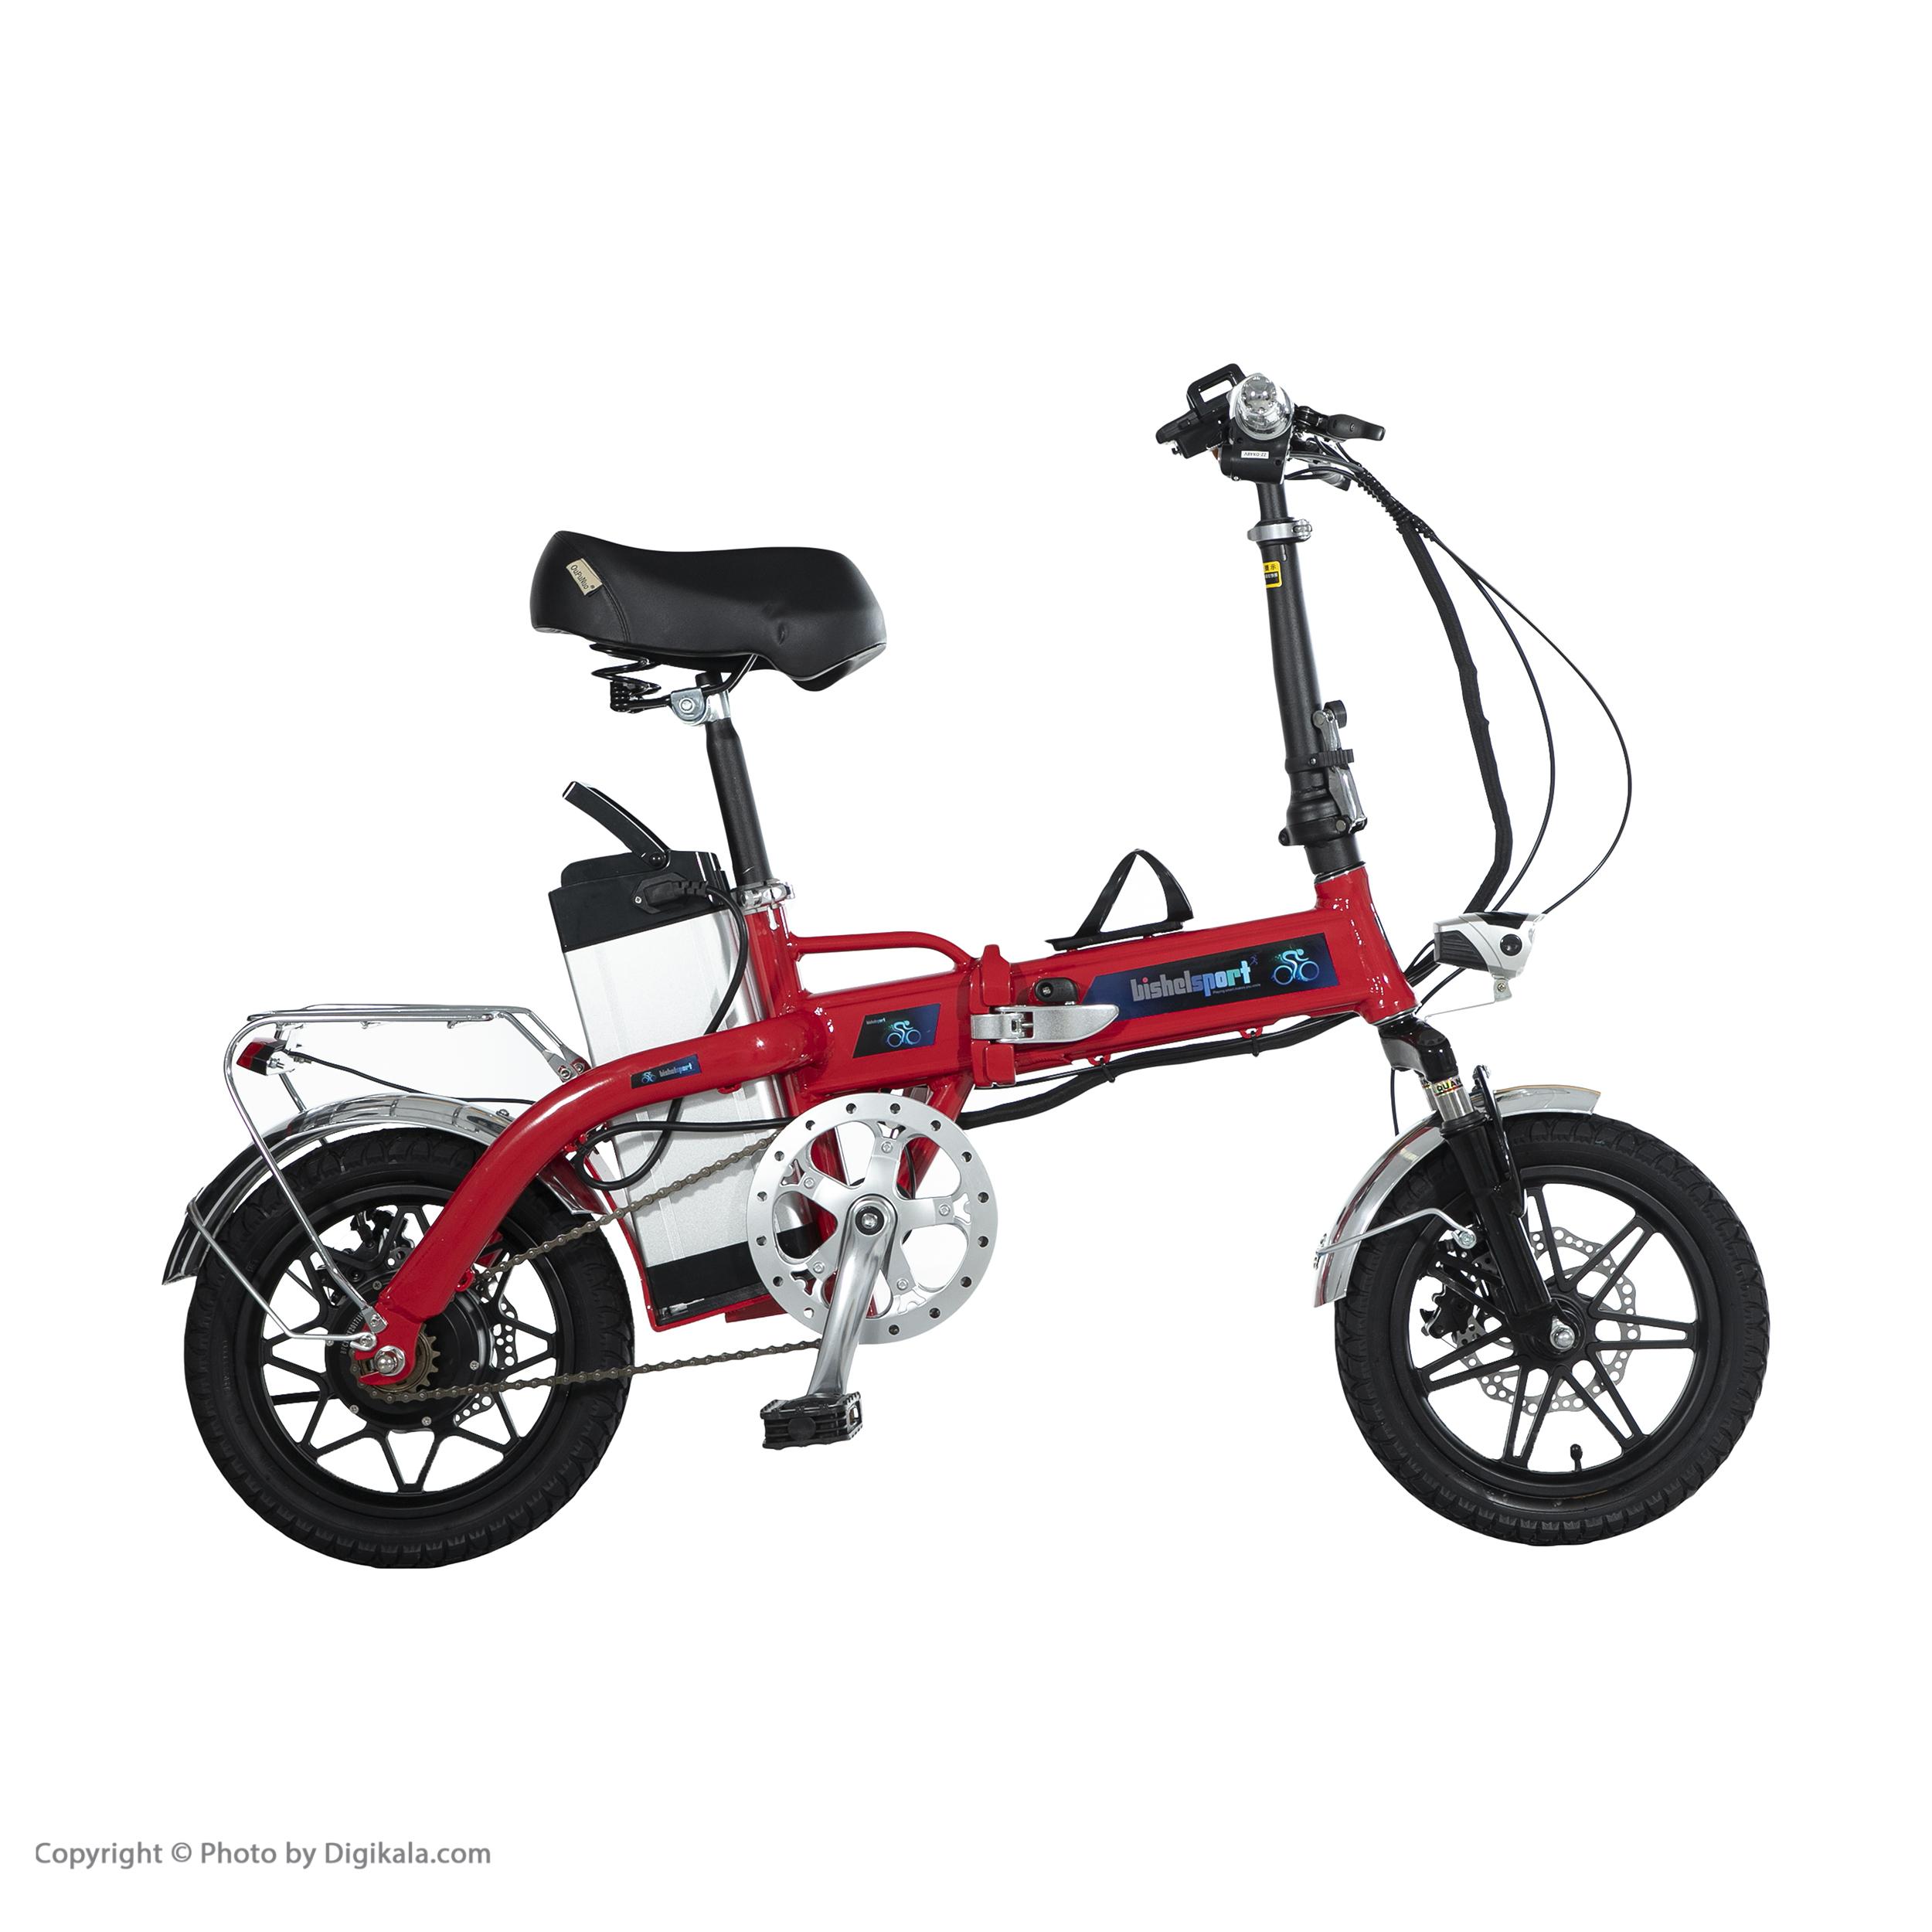 دوچرخه برقی بیشل اسپرت مدل YK-D8 کد 02 سایز 14